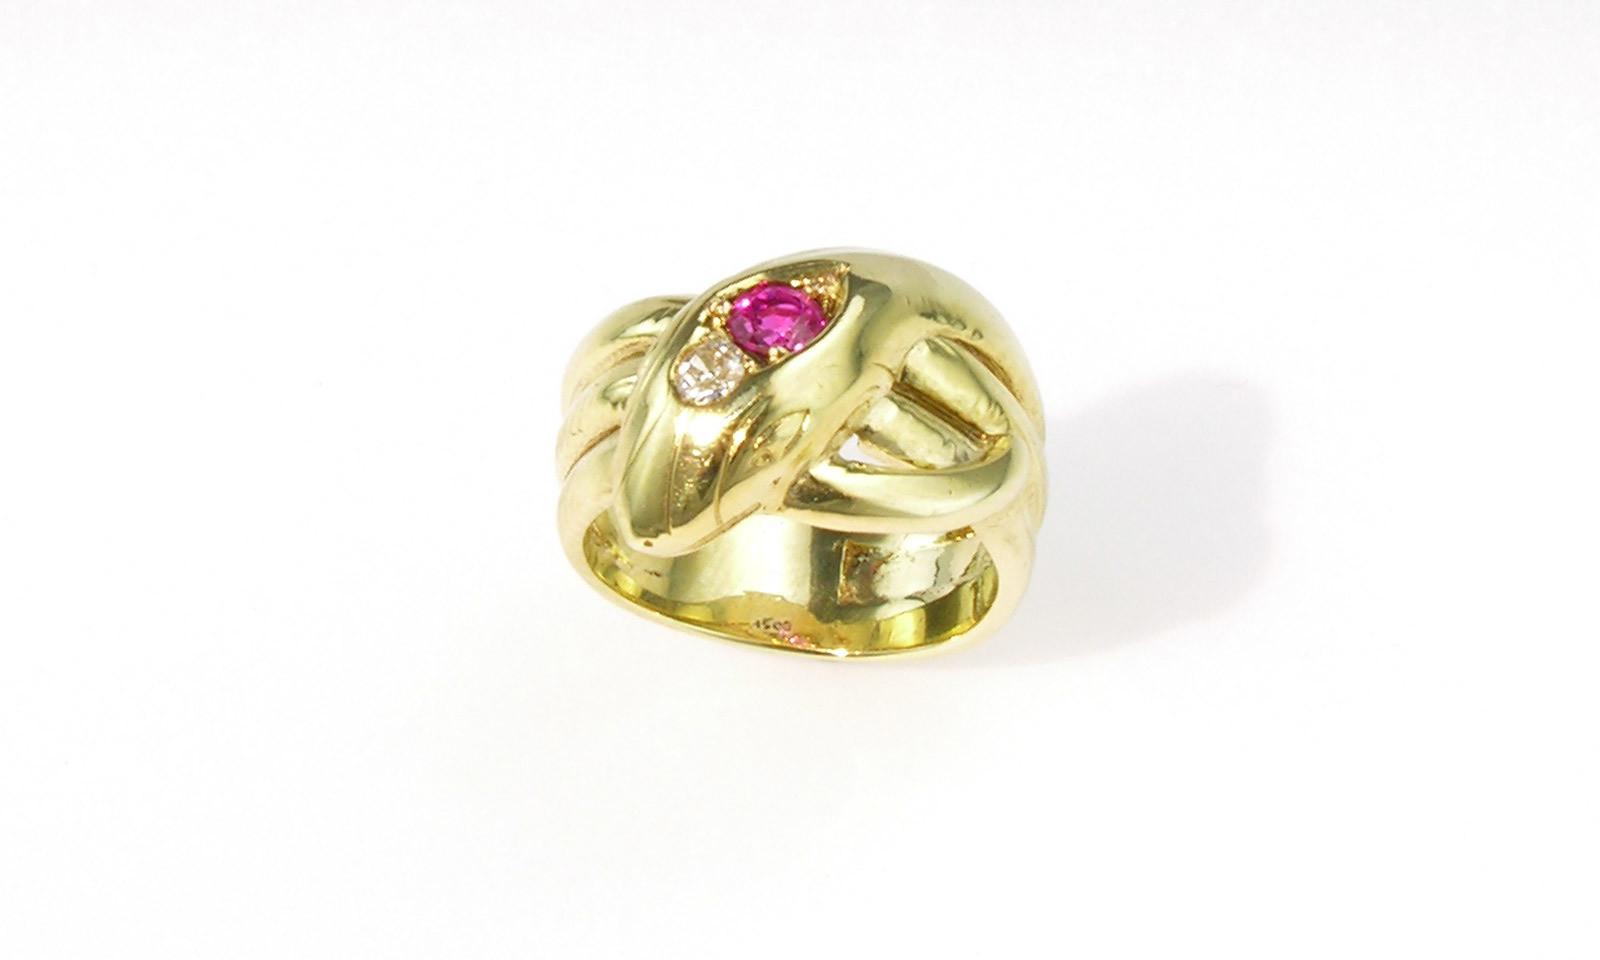 Schlangenring Antik. Schlangenring Gold 333 mit Rubin und Altschliff-Diamant, Deutschland um 1900, CHF 1500.-